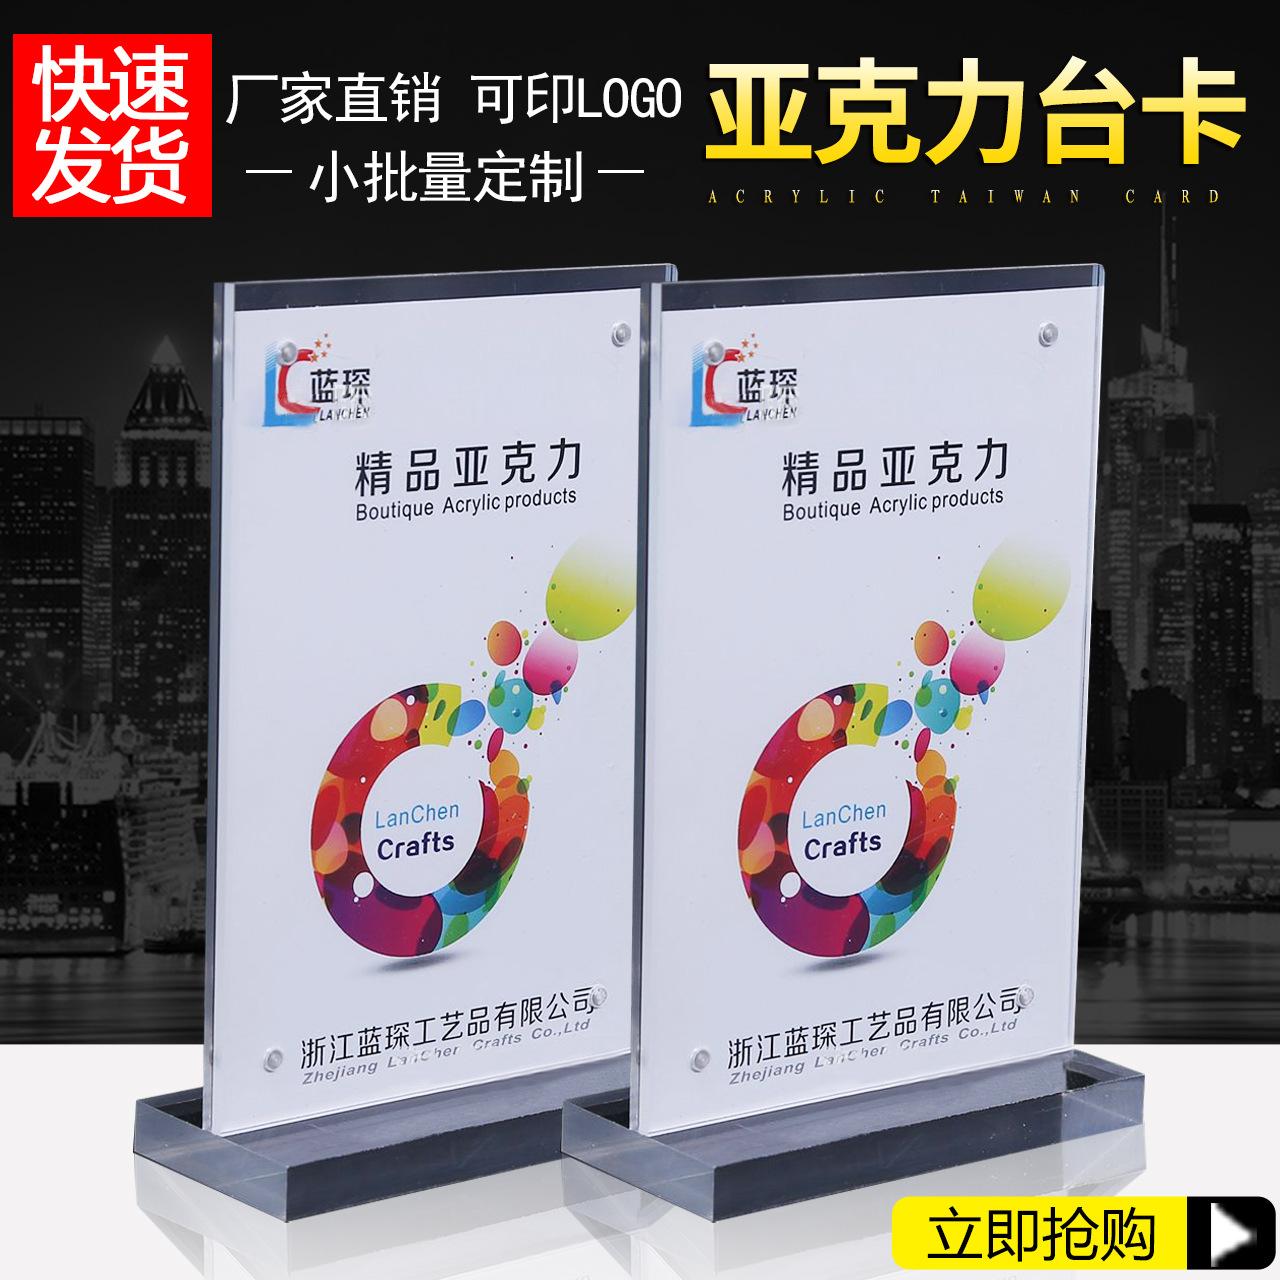 現貨供應定制A5亞克力臺卡雙面廣告展示架強磁臺簽桌簽定做